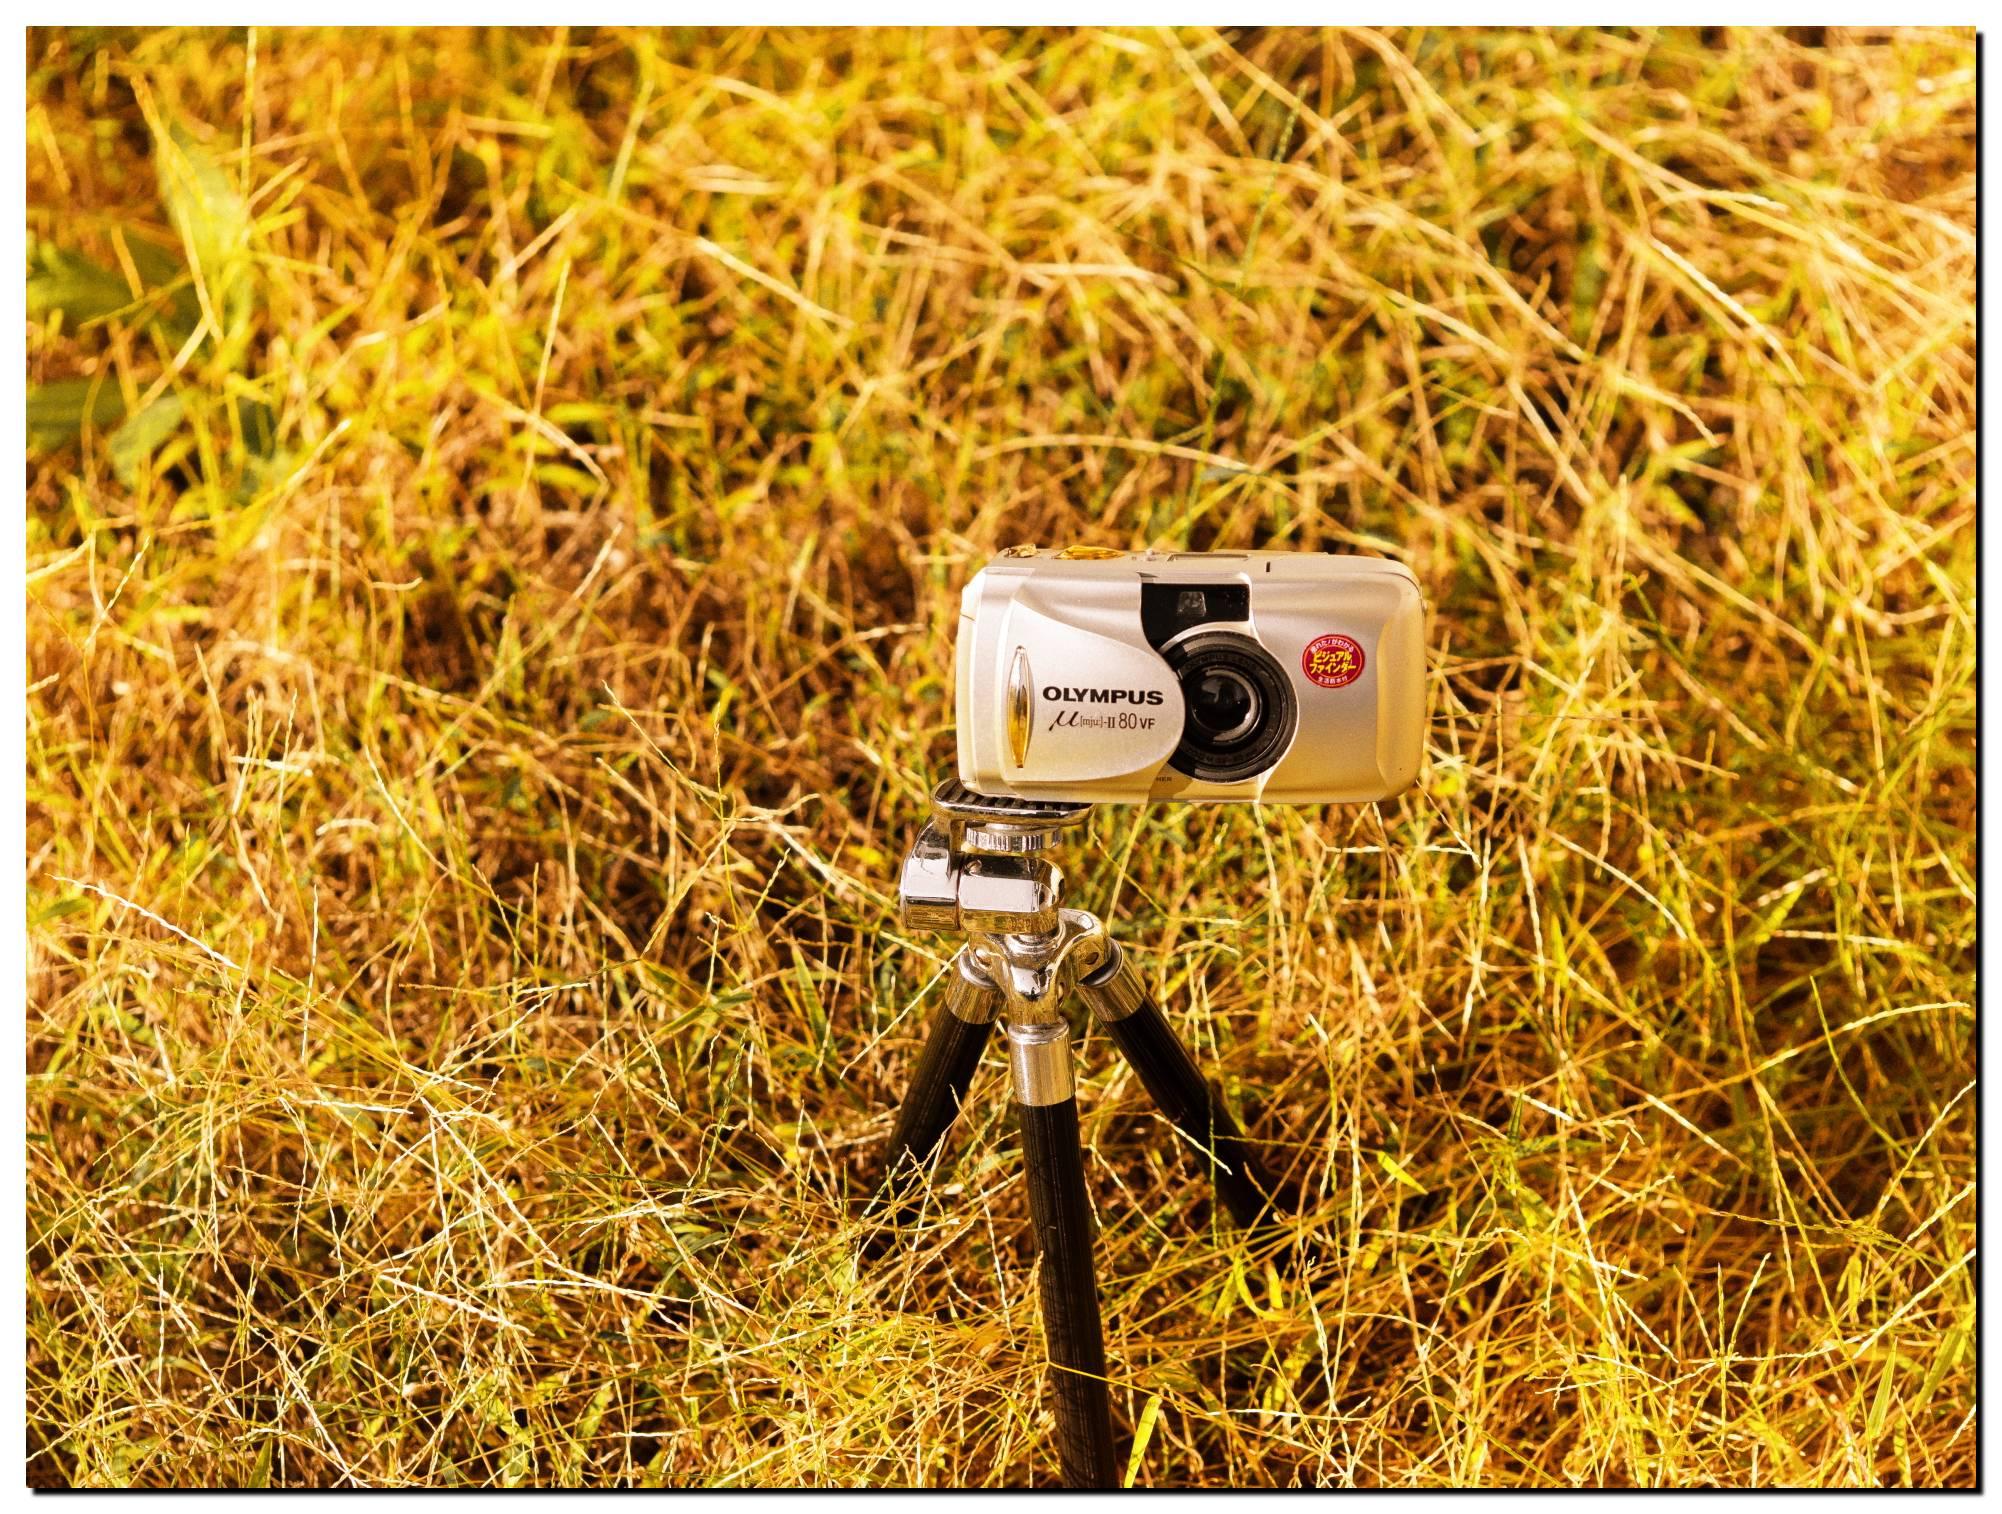 01LR-PF229143-Edit-3.jpg